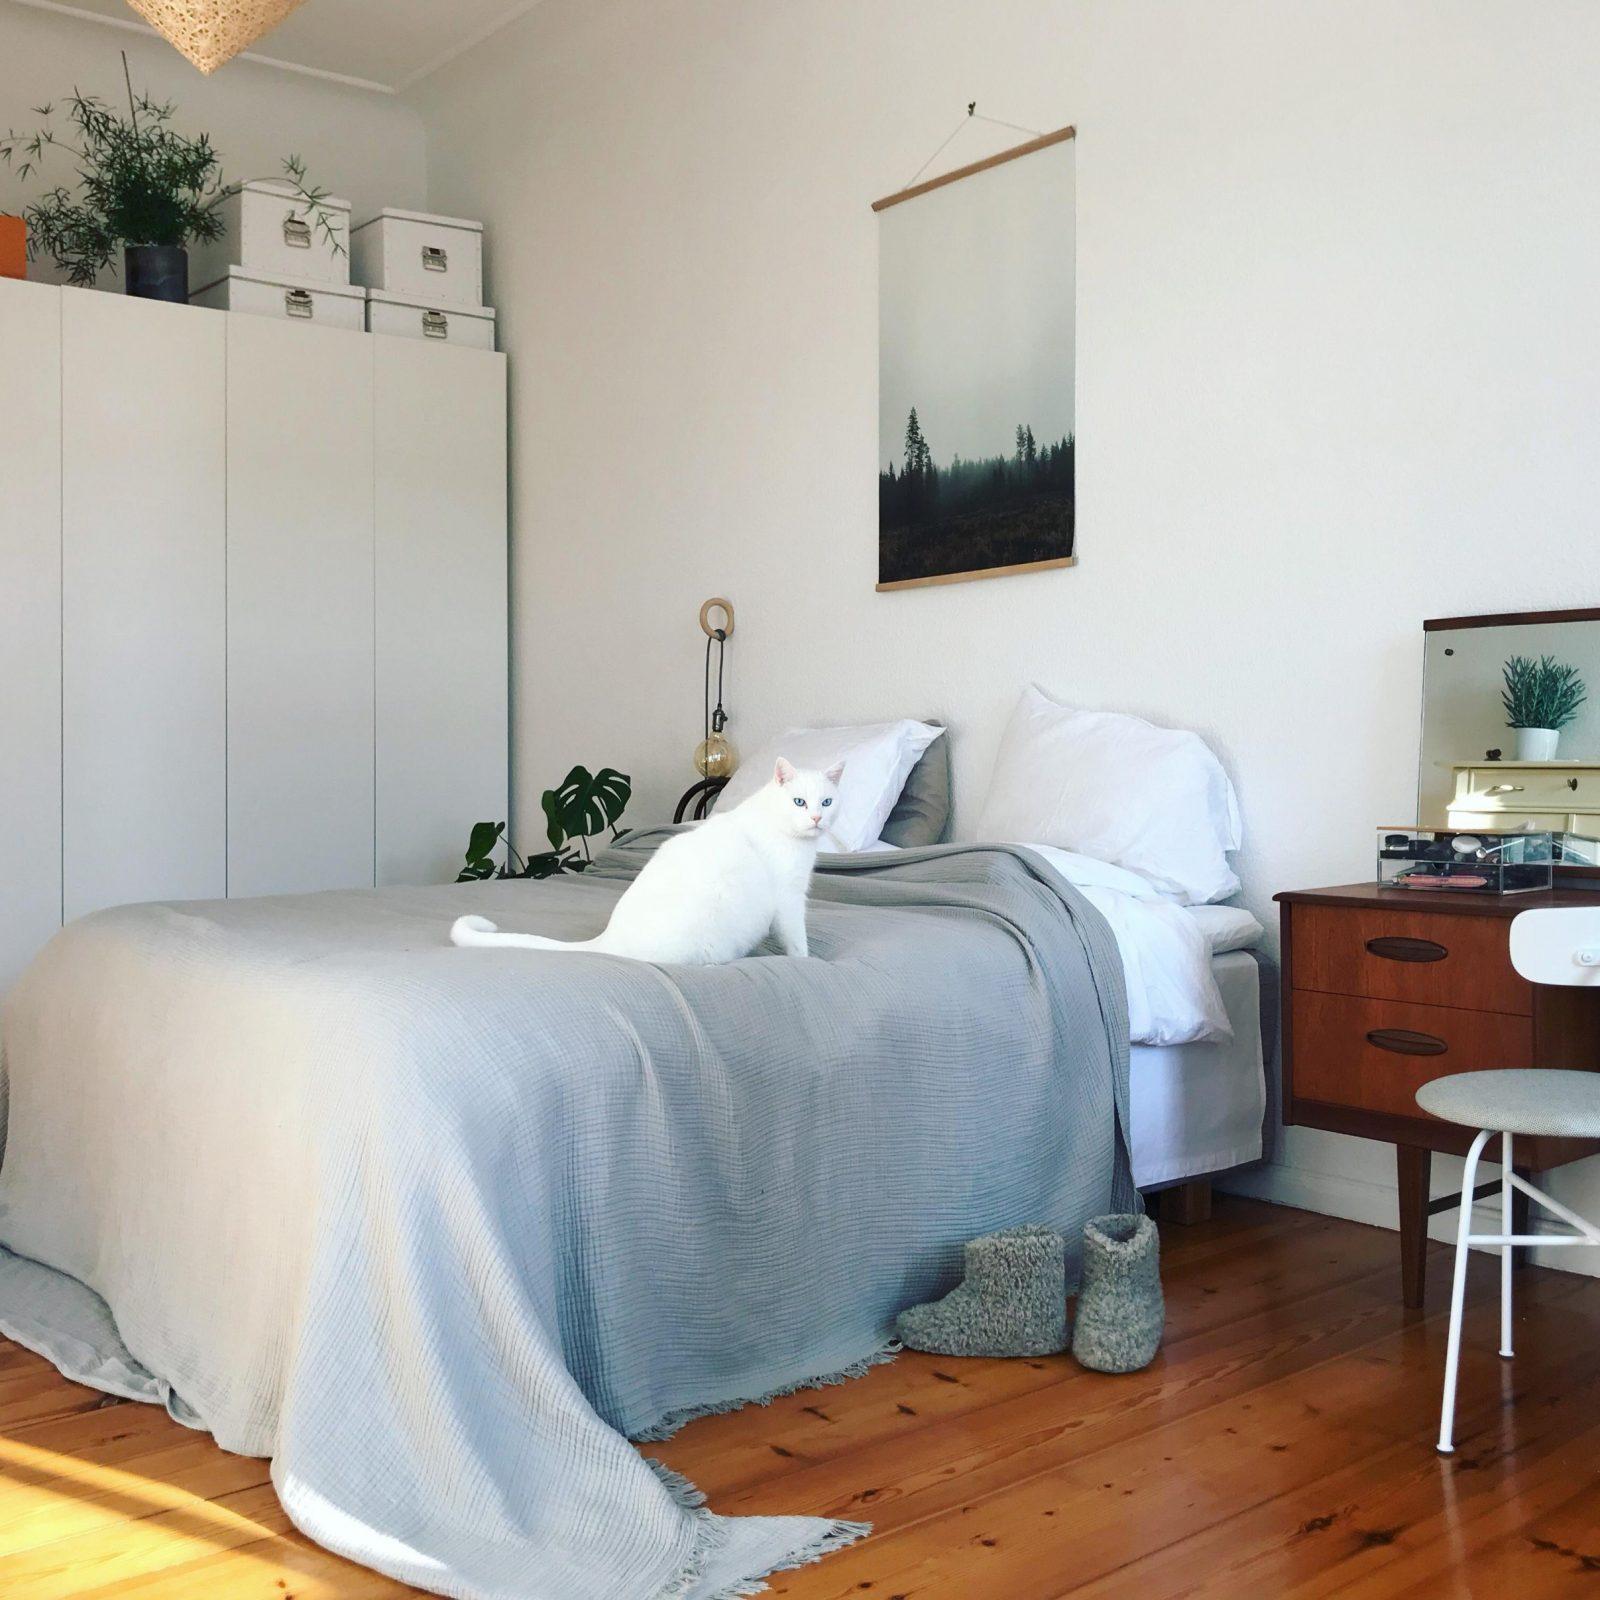 Stauraumideen Tricks Für Mehr Ordnung Bei Couch von Stauraum Schlafzimmer Ideen Bild